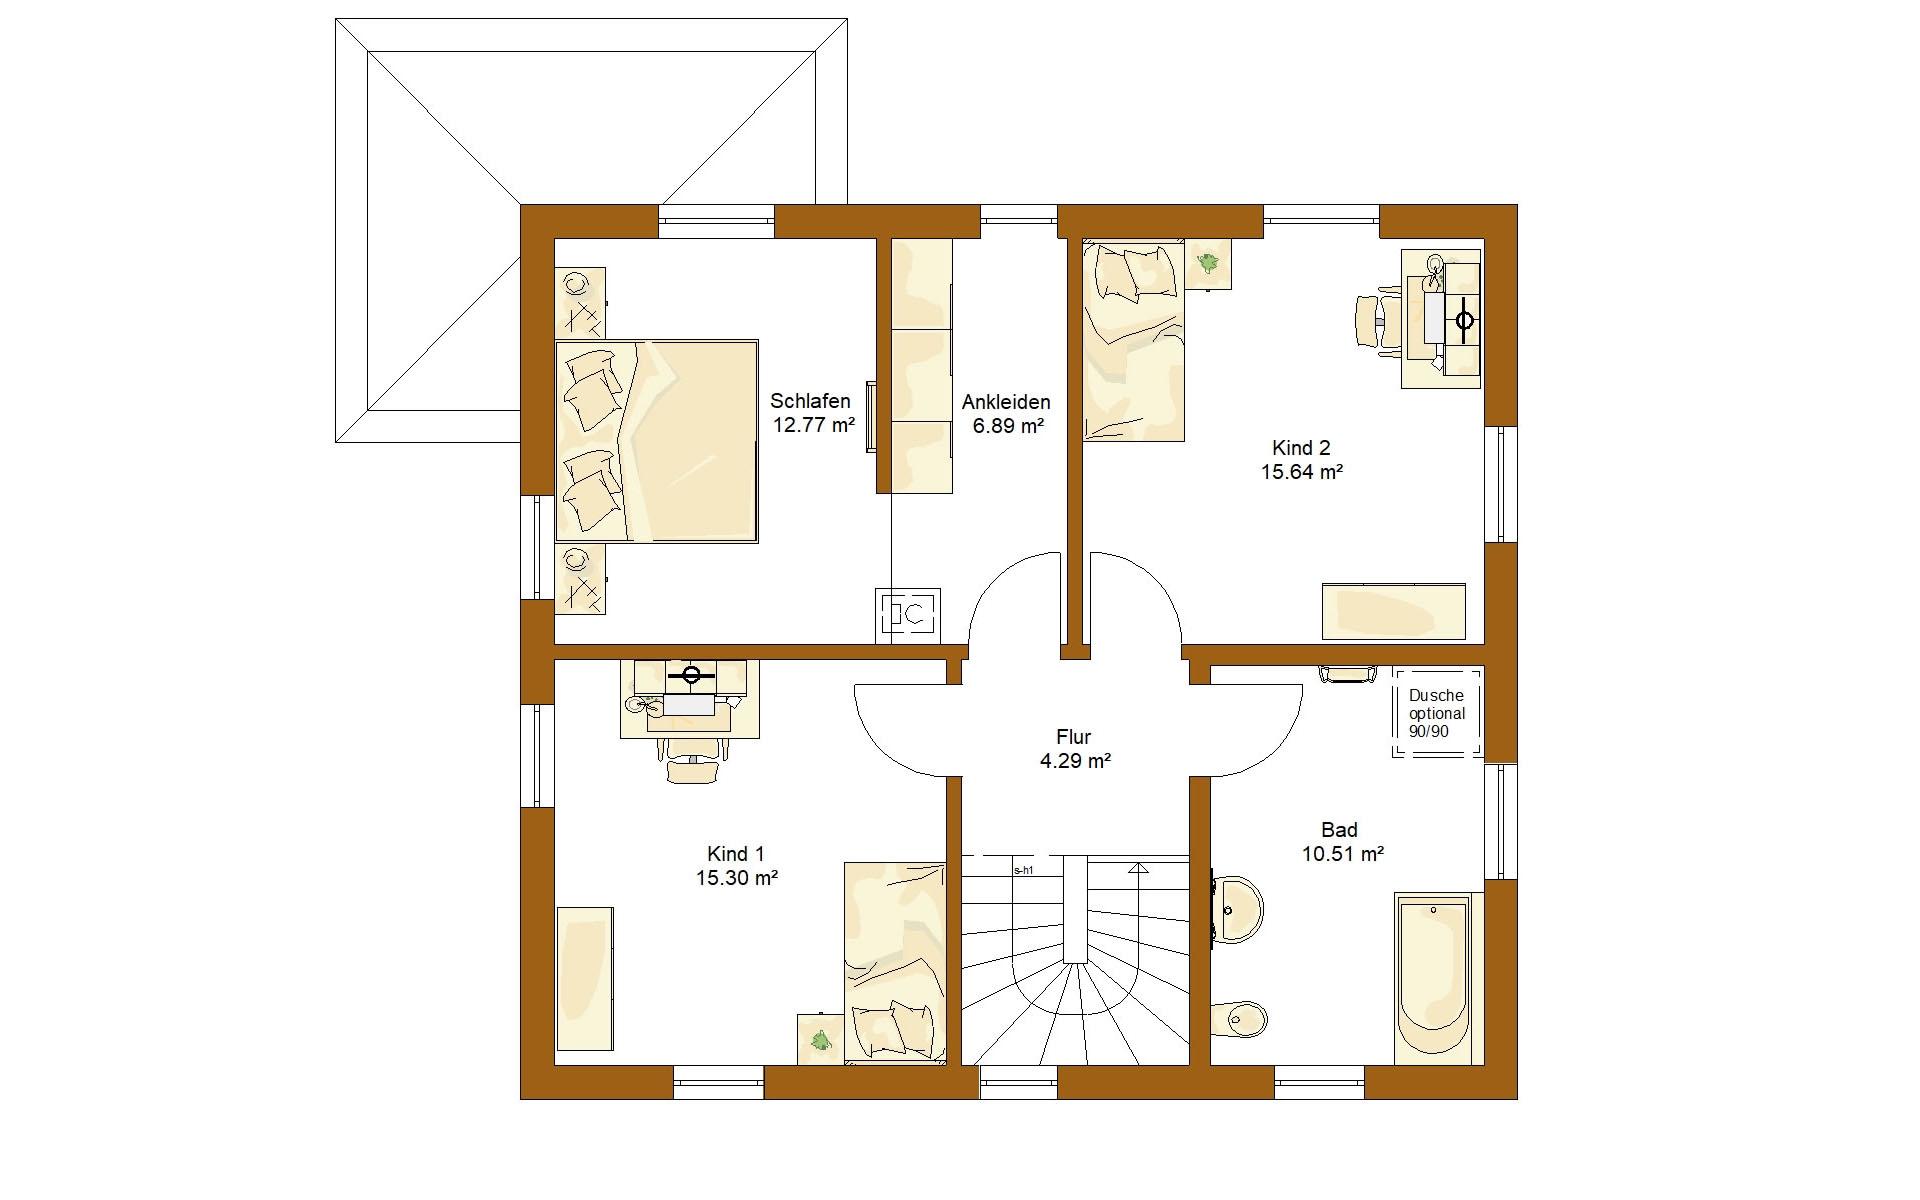 Erdgeschoss CLOU 135 (Satteldach) von RENSCH-HAUS GMBH